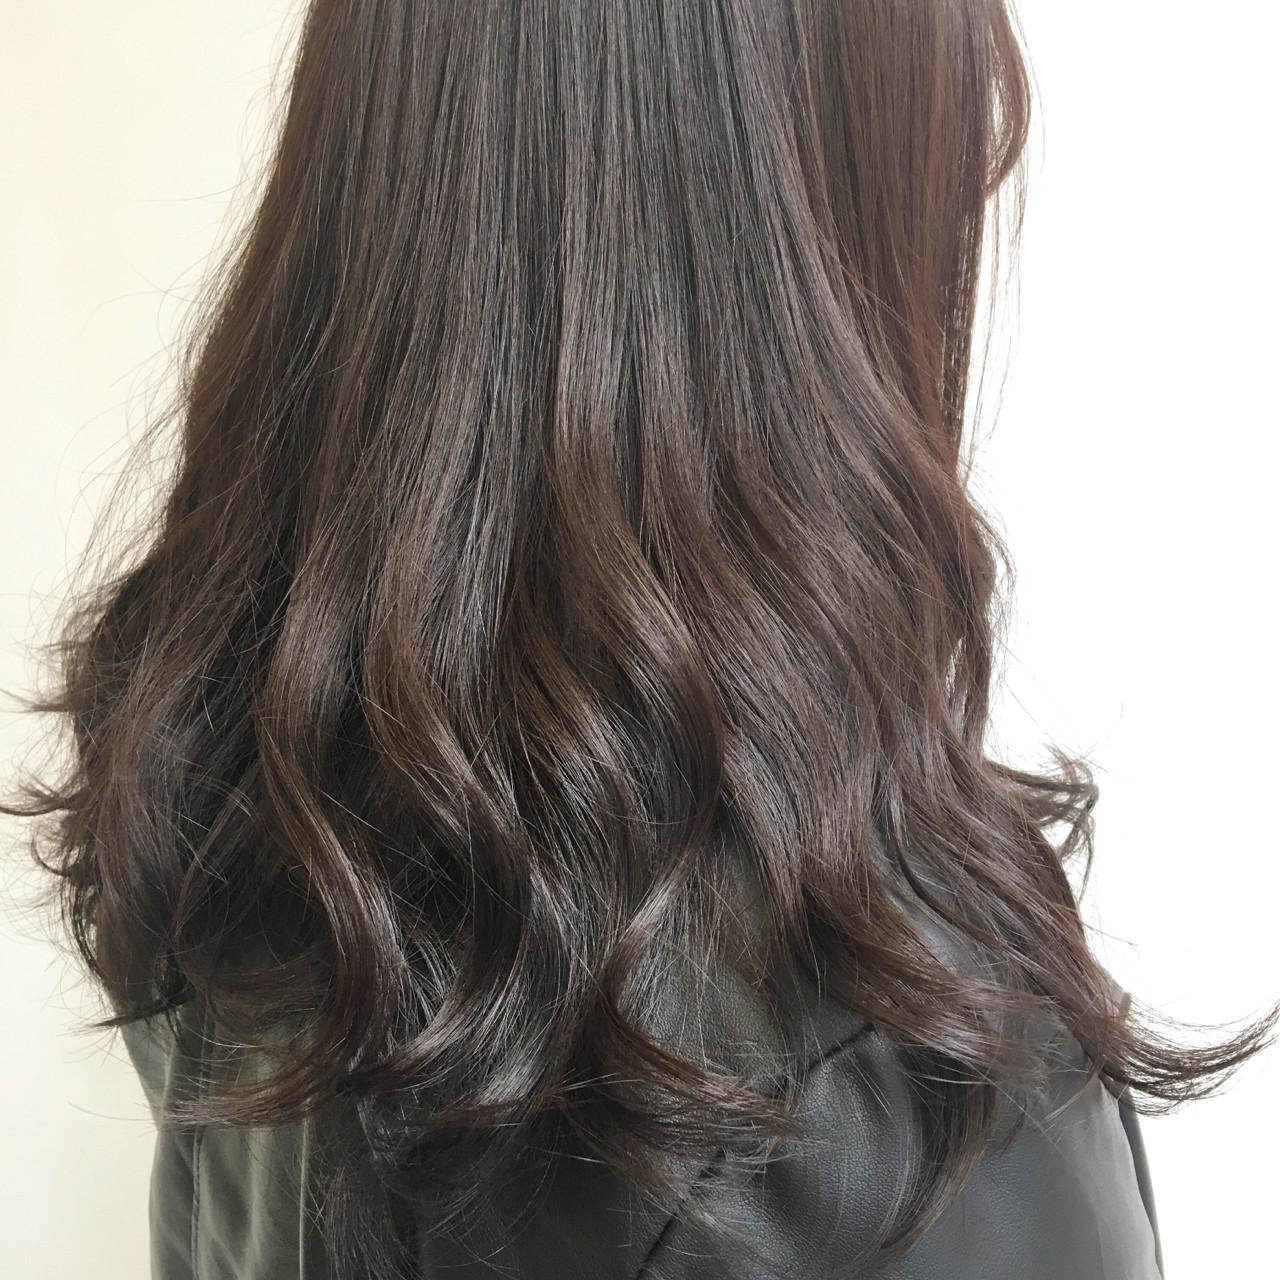 ピンクブラウン 謝恩会 春 セミロング ヘアスタイルや髪型の写真・画像